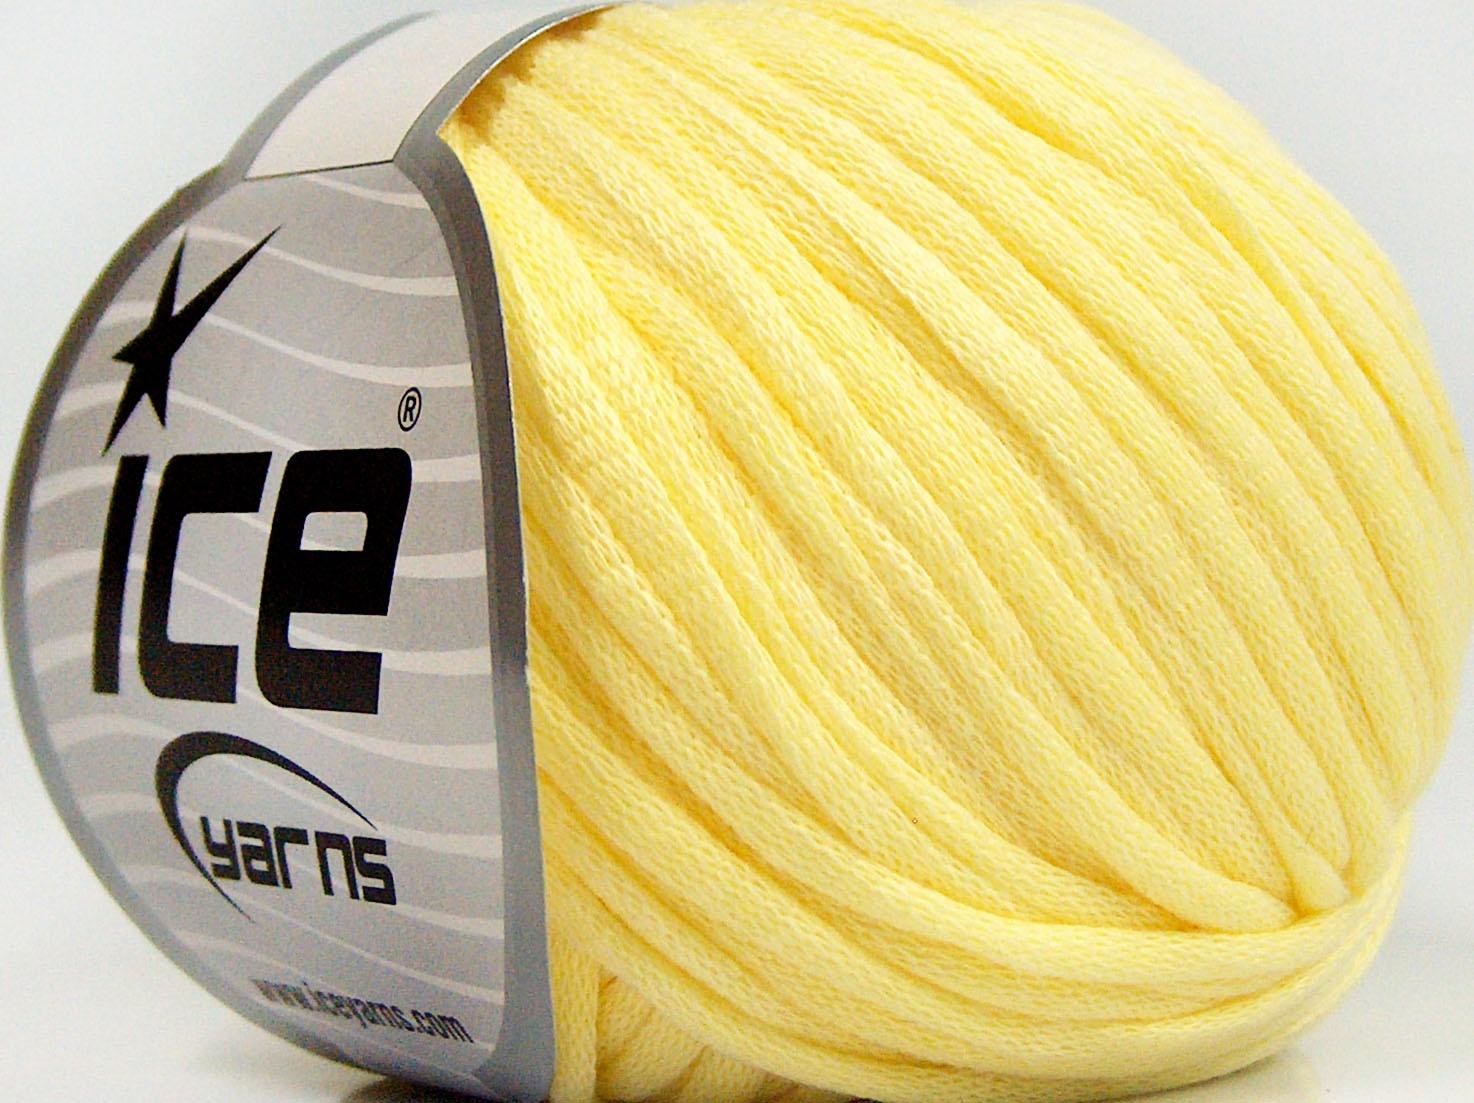 accessories yellow orange red summer spring 1 skein 50 gr Yarn craft trellis ICE LADDER yarn